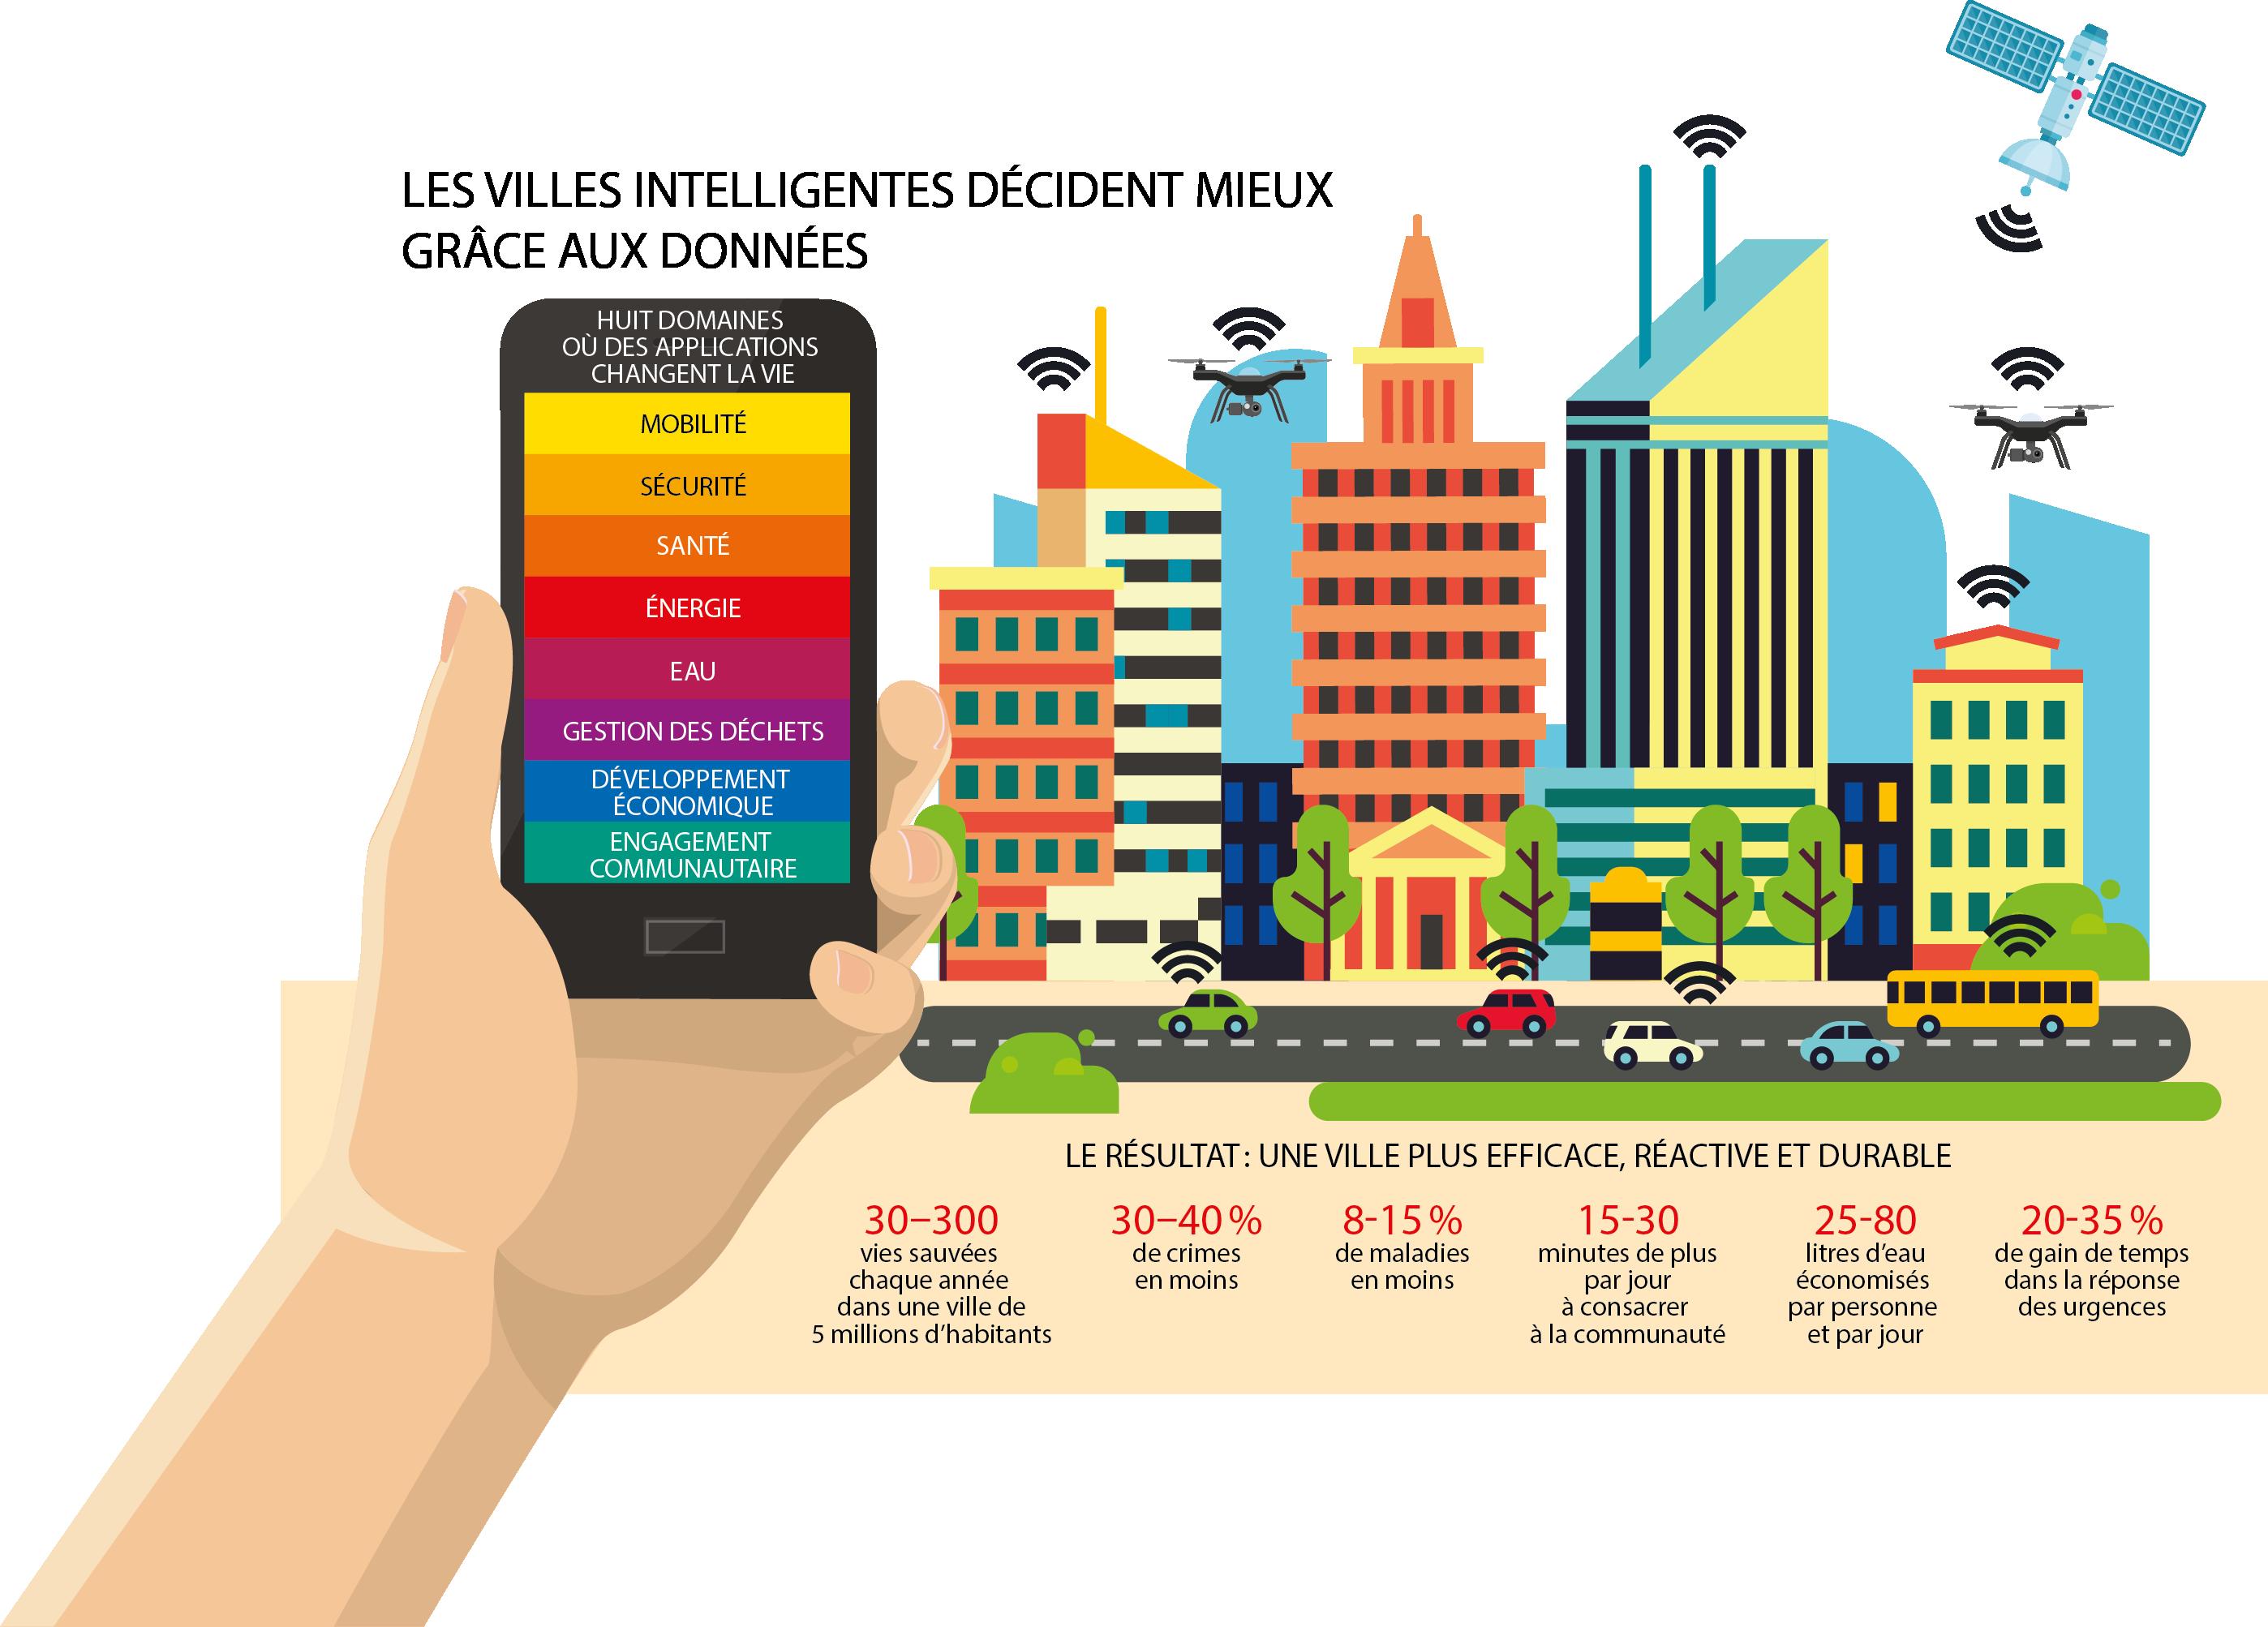 Les villes intelligentes décident mieux grâce aux données